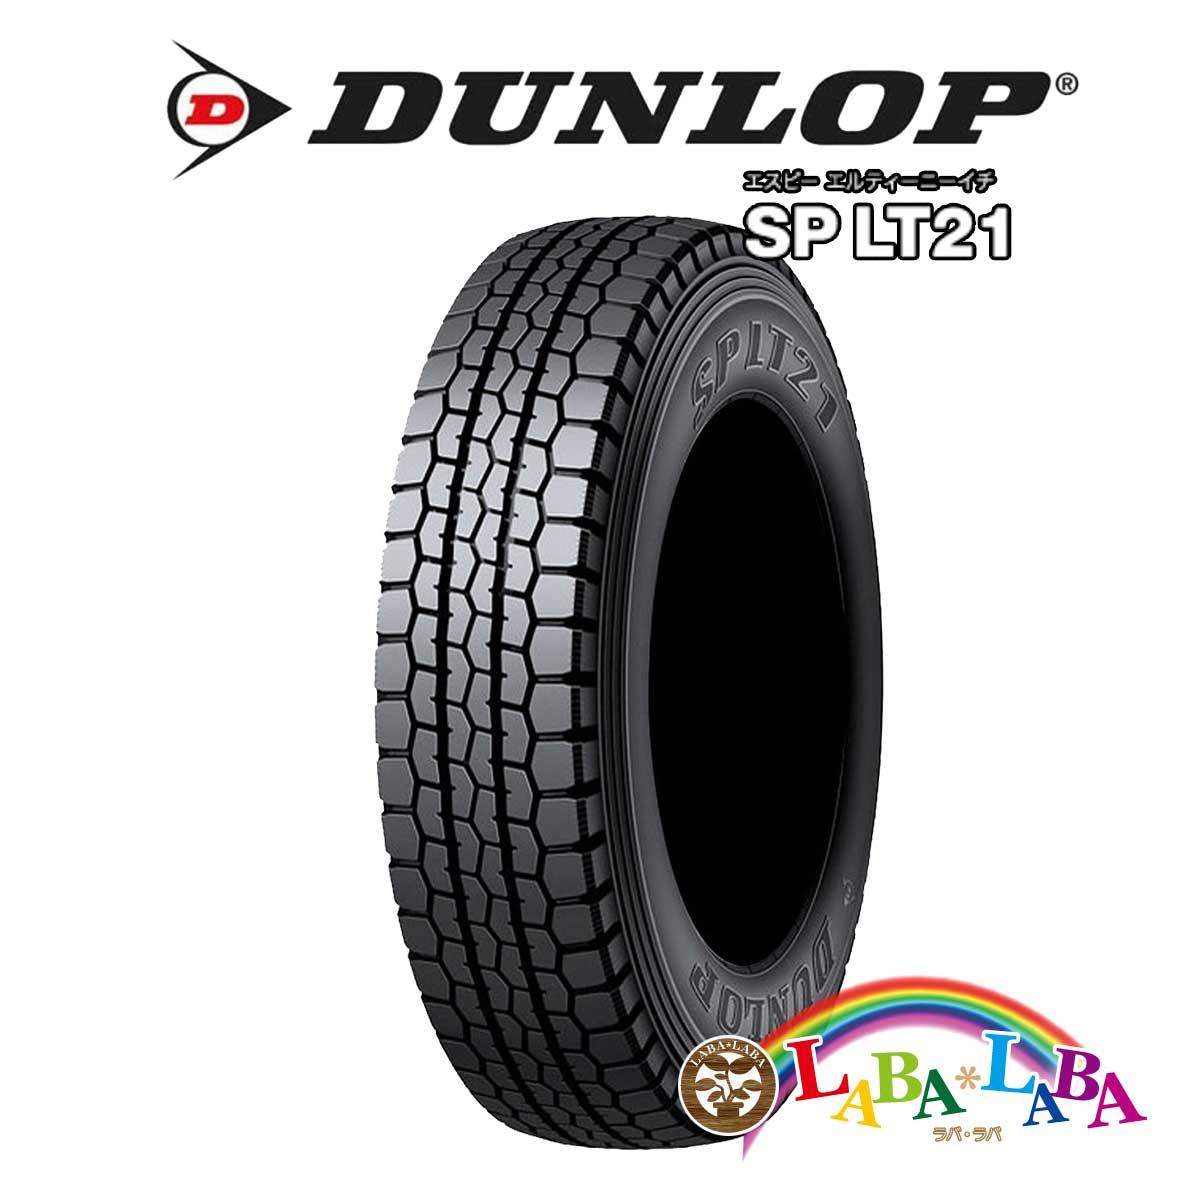 2本以上送料無料 国産タイヤ ラッピング無料 サマータイヤ 新品 タイヤのみ DUNLOP ダンロップ SP LT 109 195 107L LT21 定価 70R15.5 バン